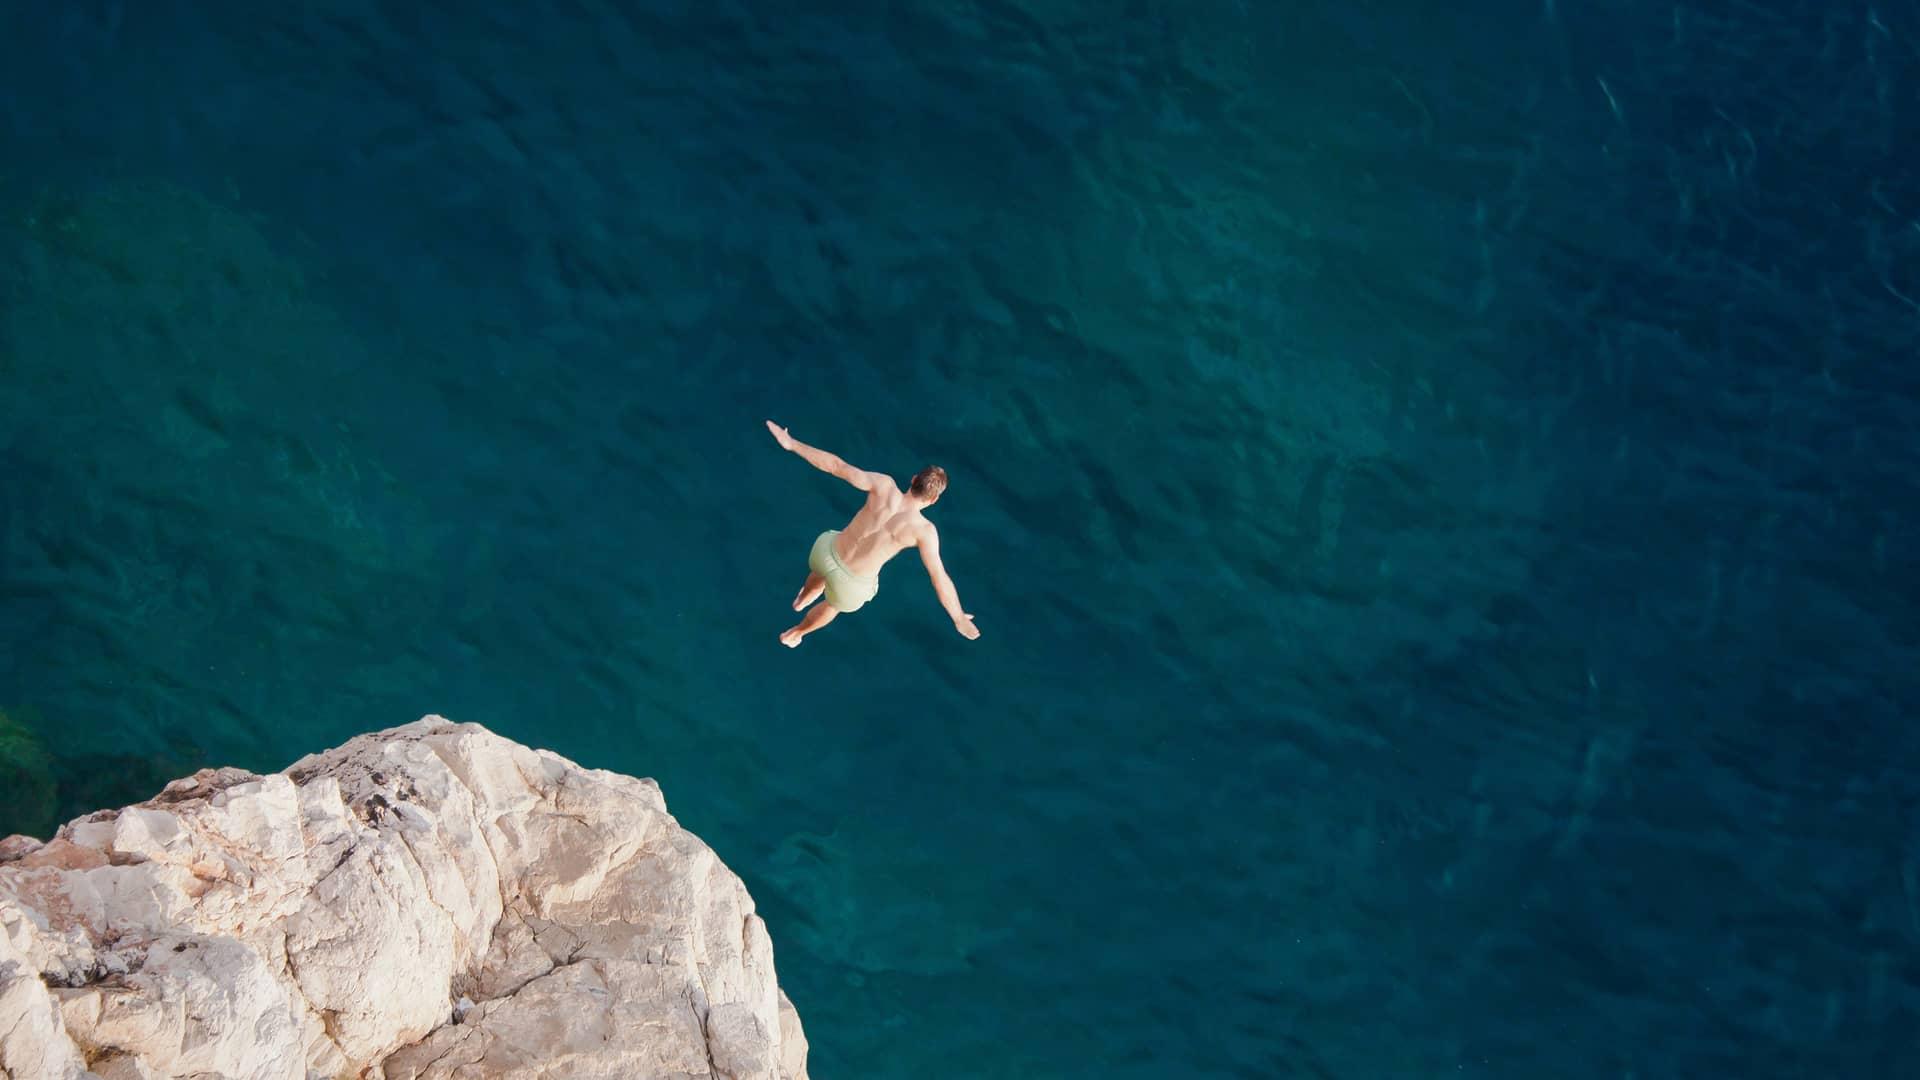 Joven saltando hacia el mar simboliza portabilidad compañía suop